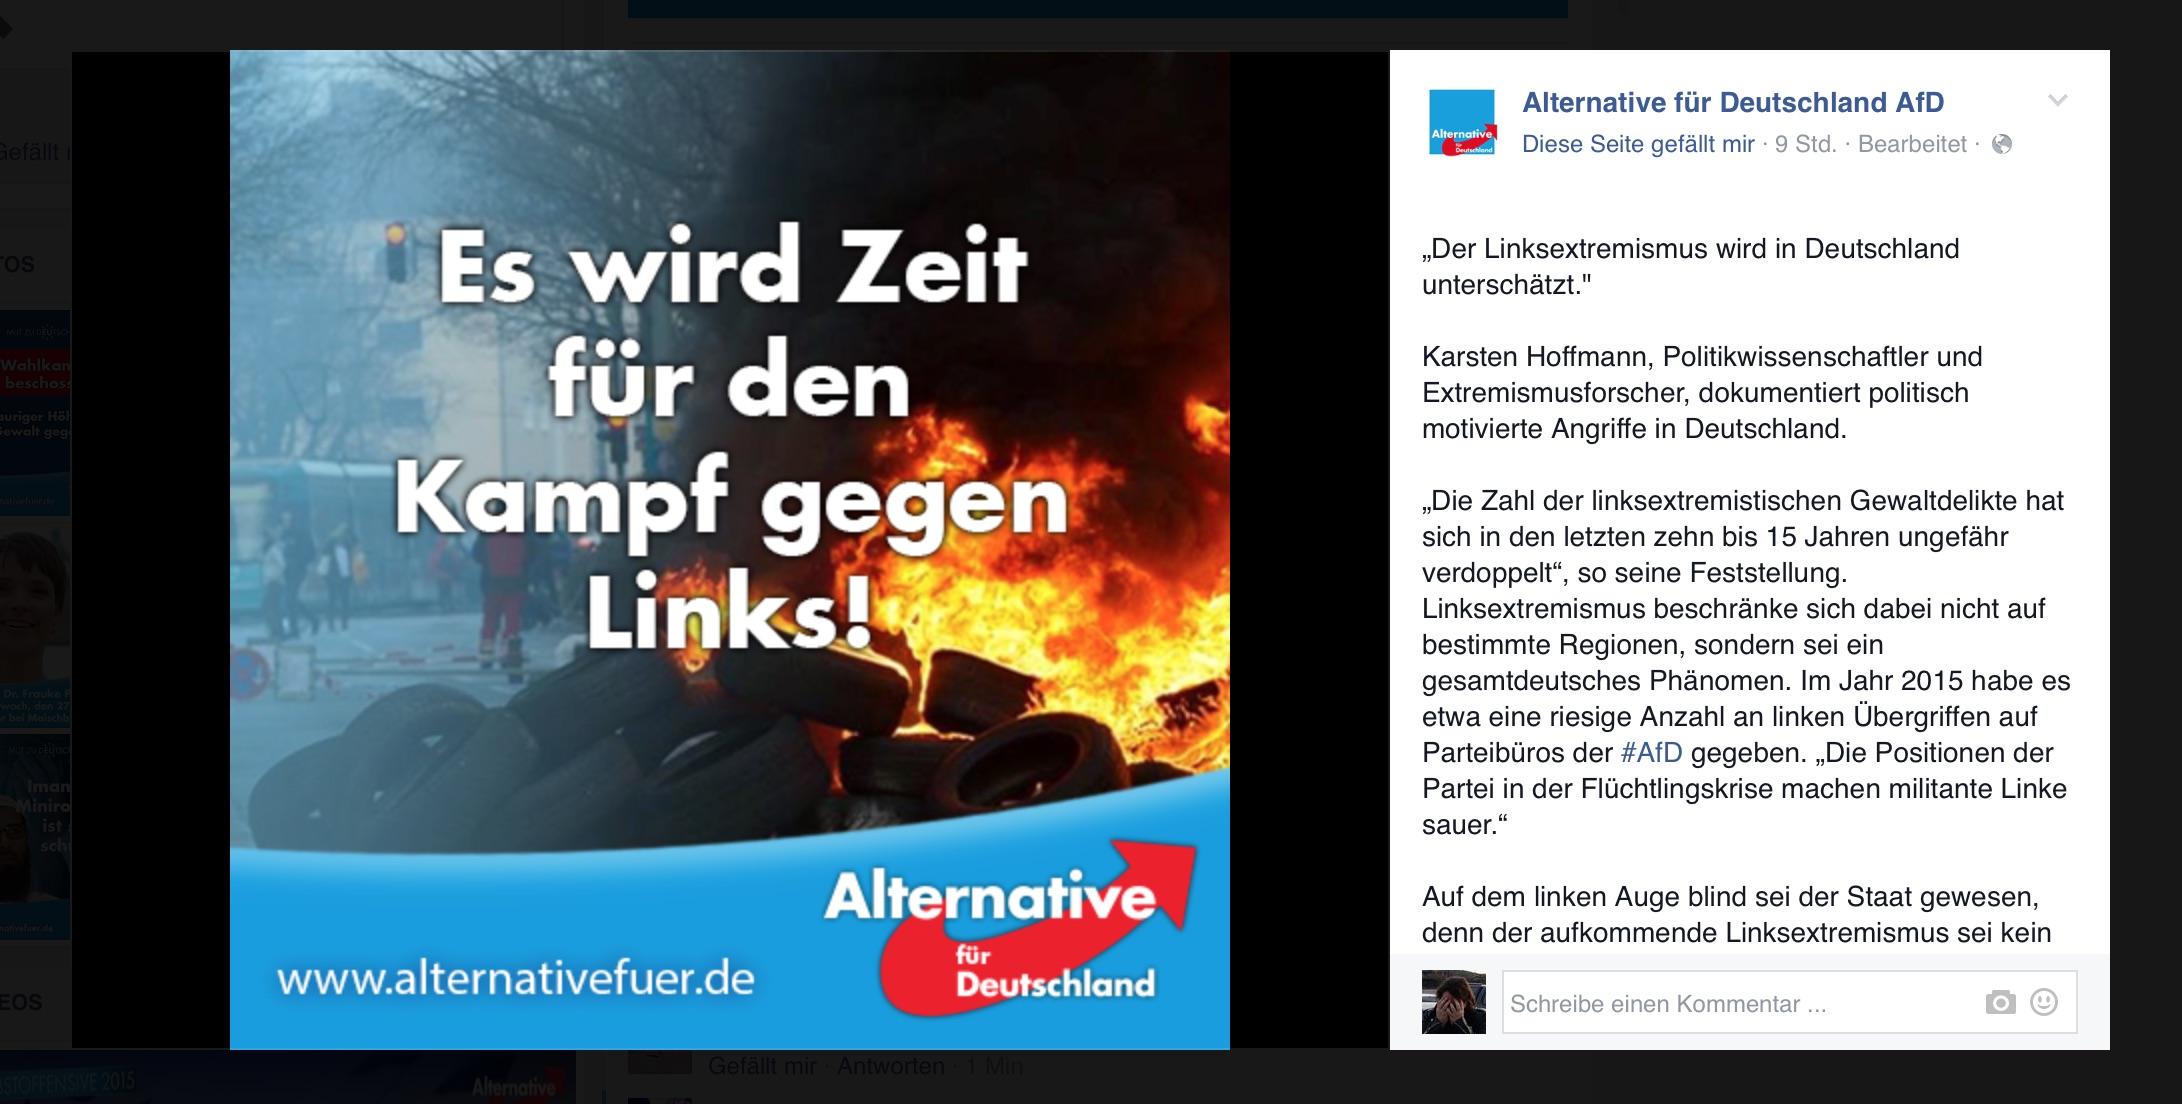 AfD: Es wird Zeit für den Kampf gegen Links!